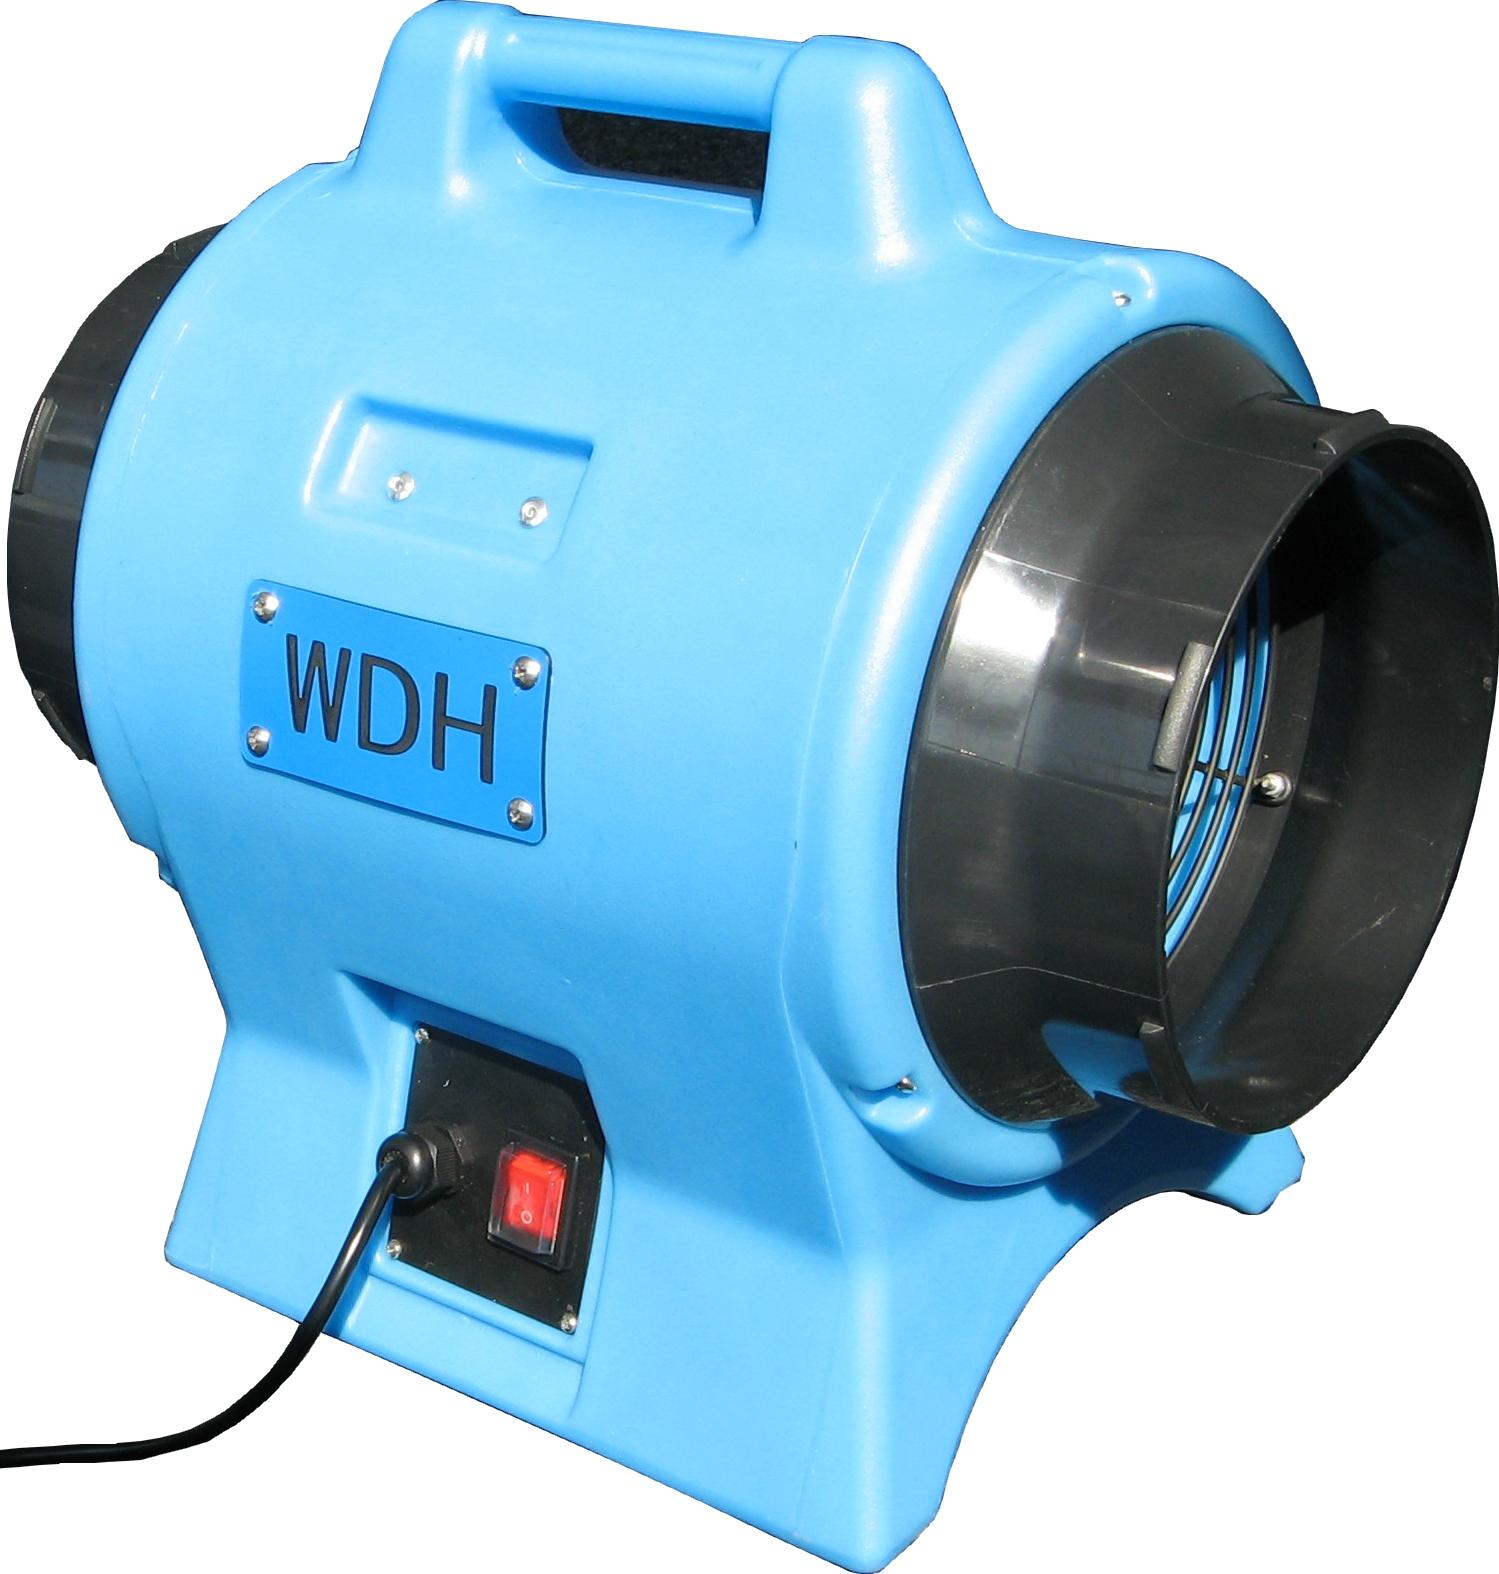 WDH-AP11